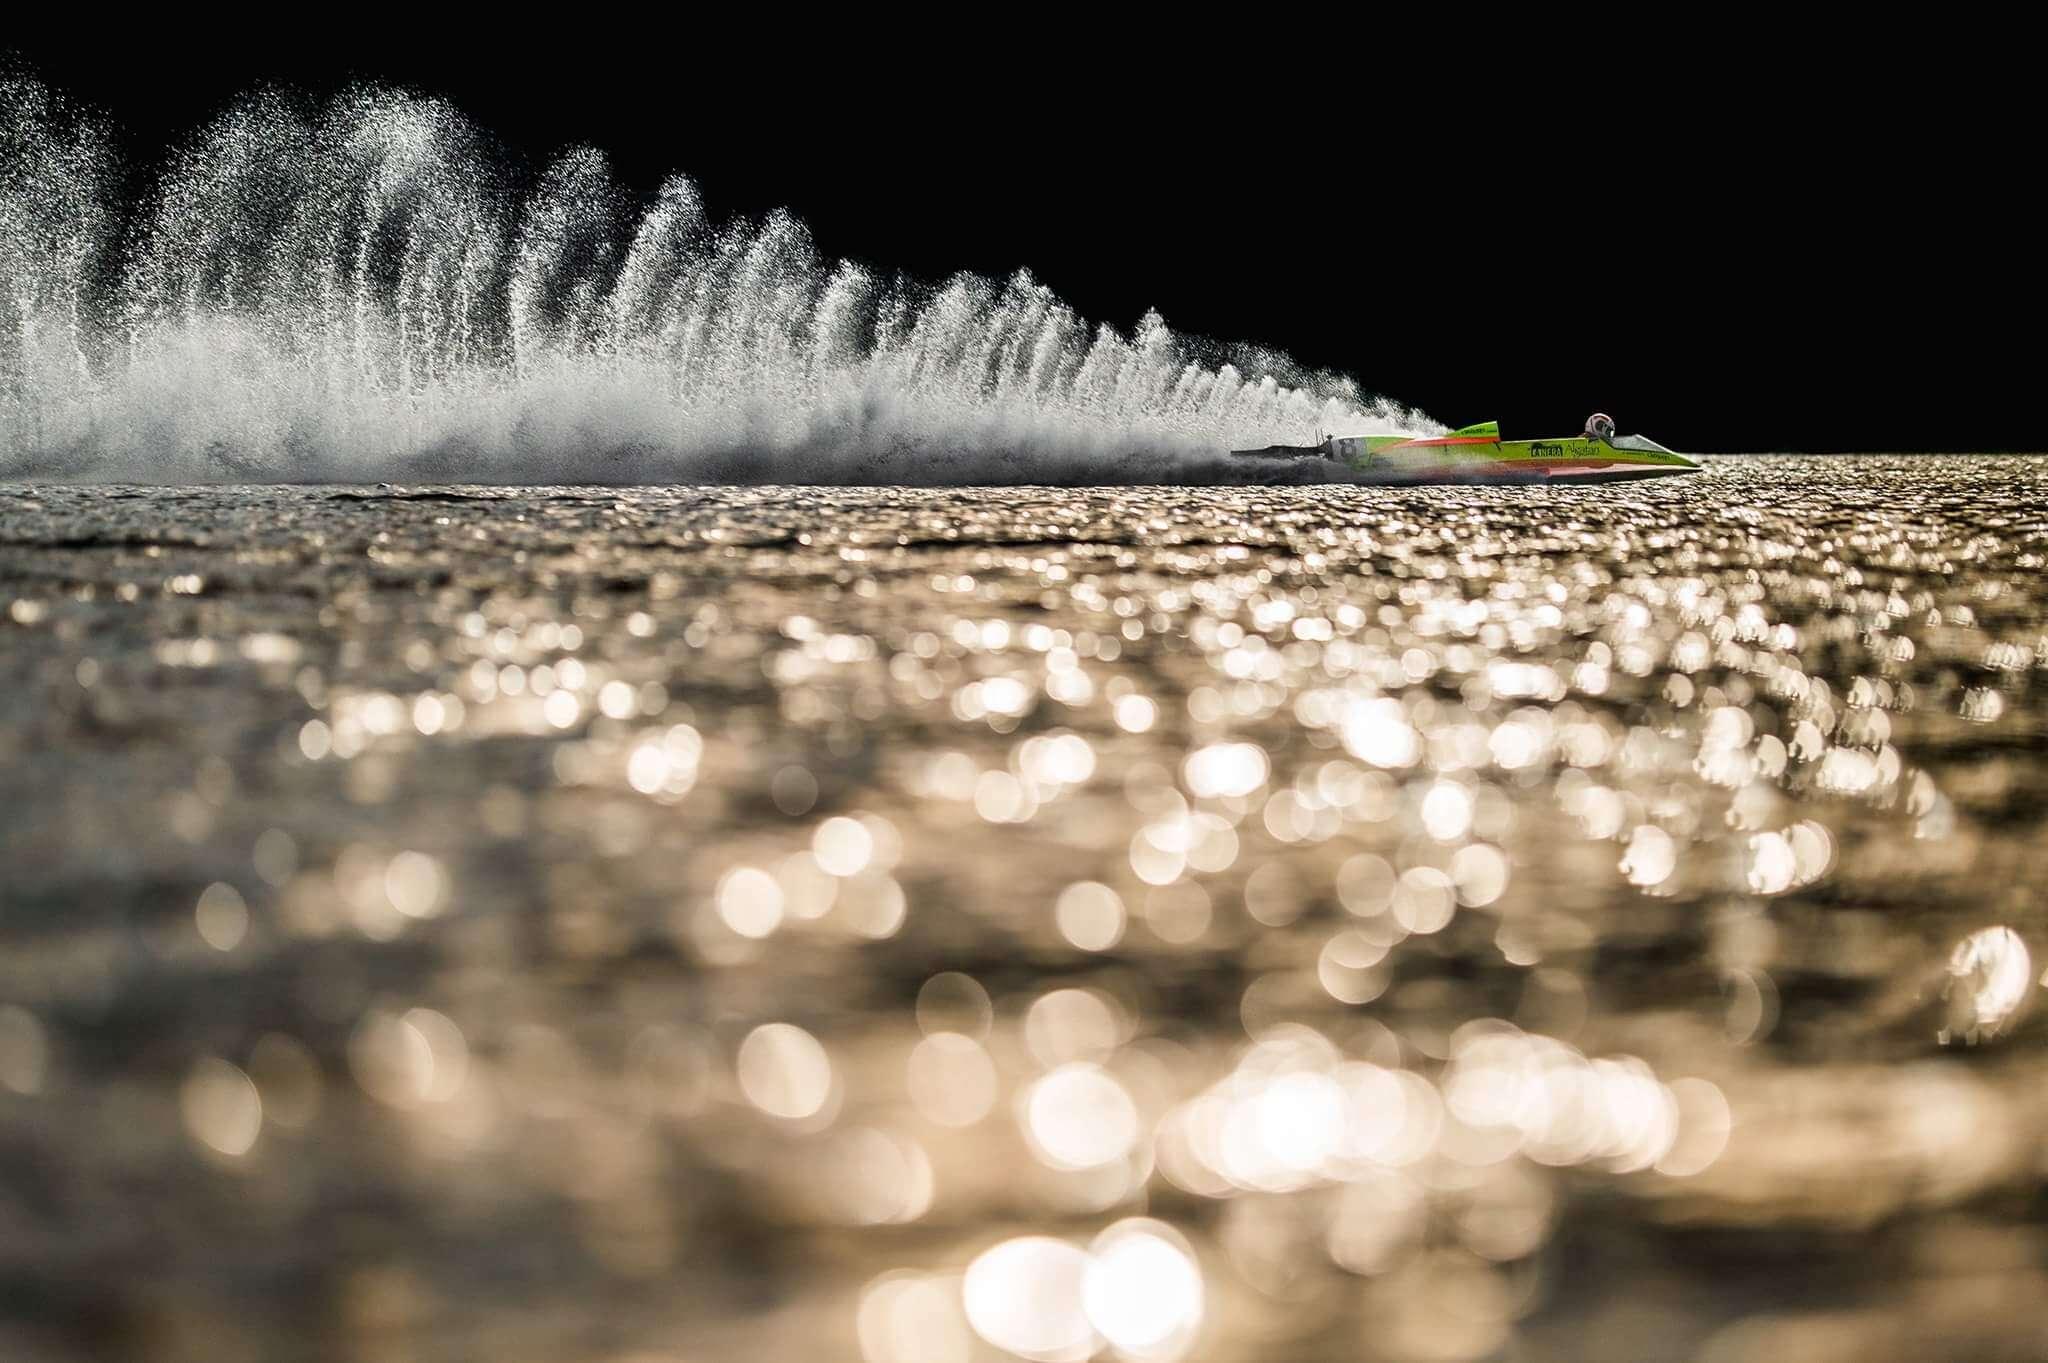 Formule na vodě ve večerním protisvětle (Nikon Z6 a ND filtr) | Foto Radek Caga